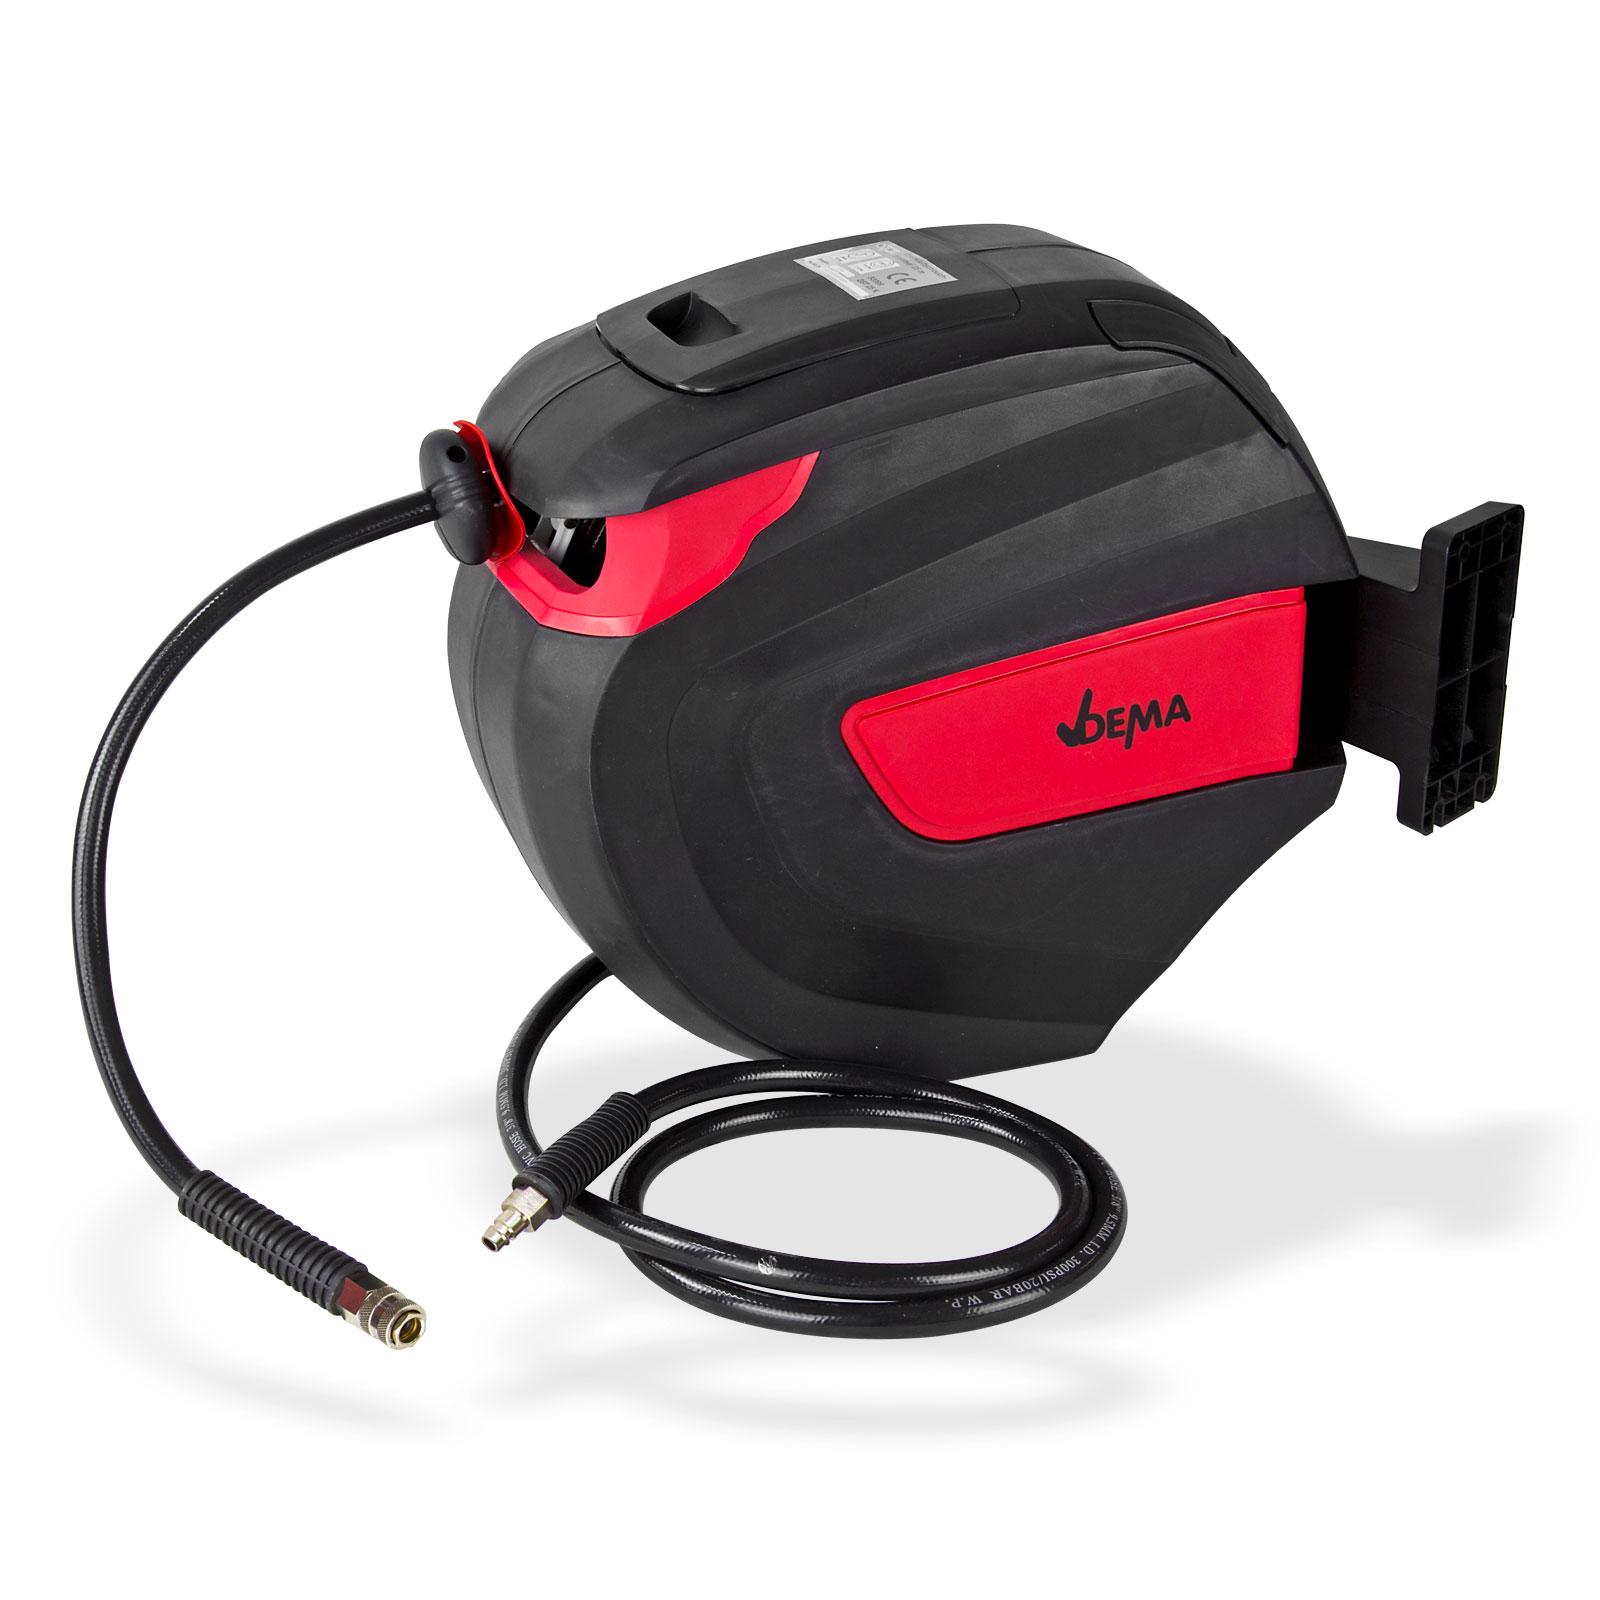 Dema Druckluft Schlauchtrommel / Schlauchaufroller 25 m Automatik selbstaufrollend 53999